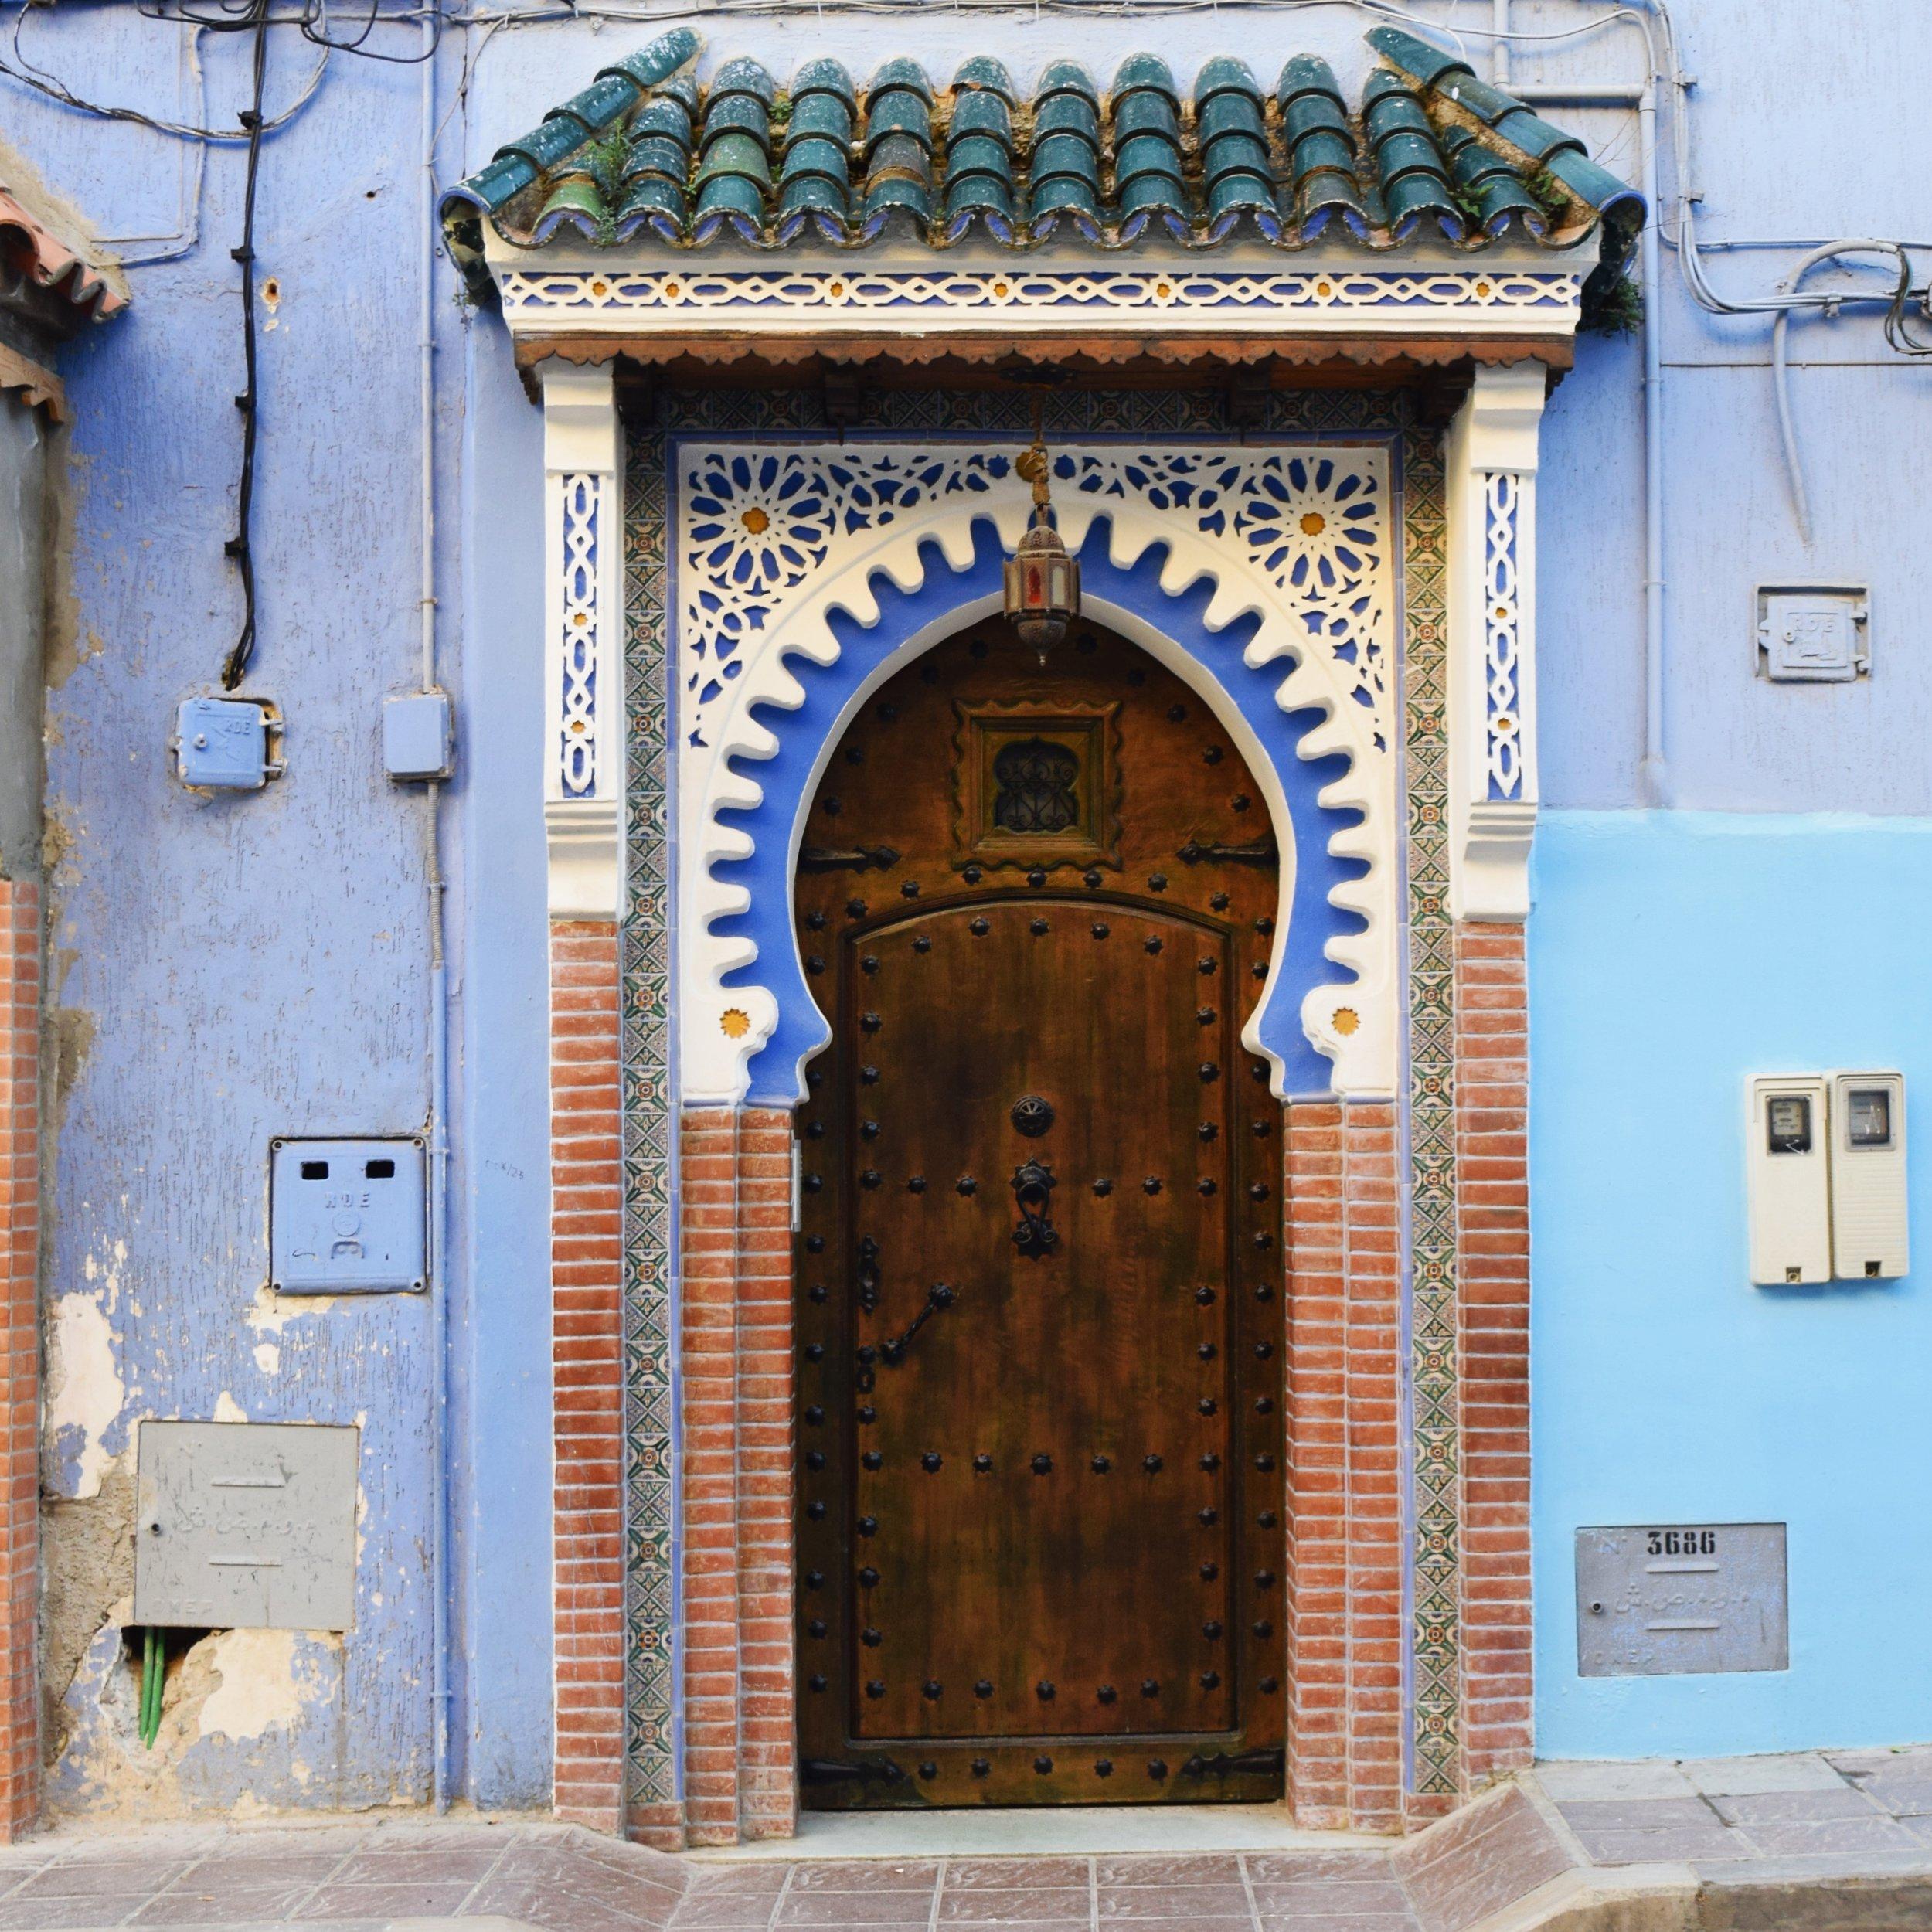 Medina Doors